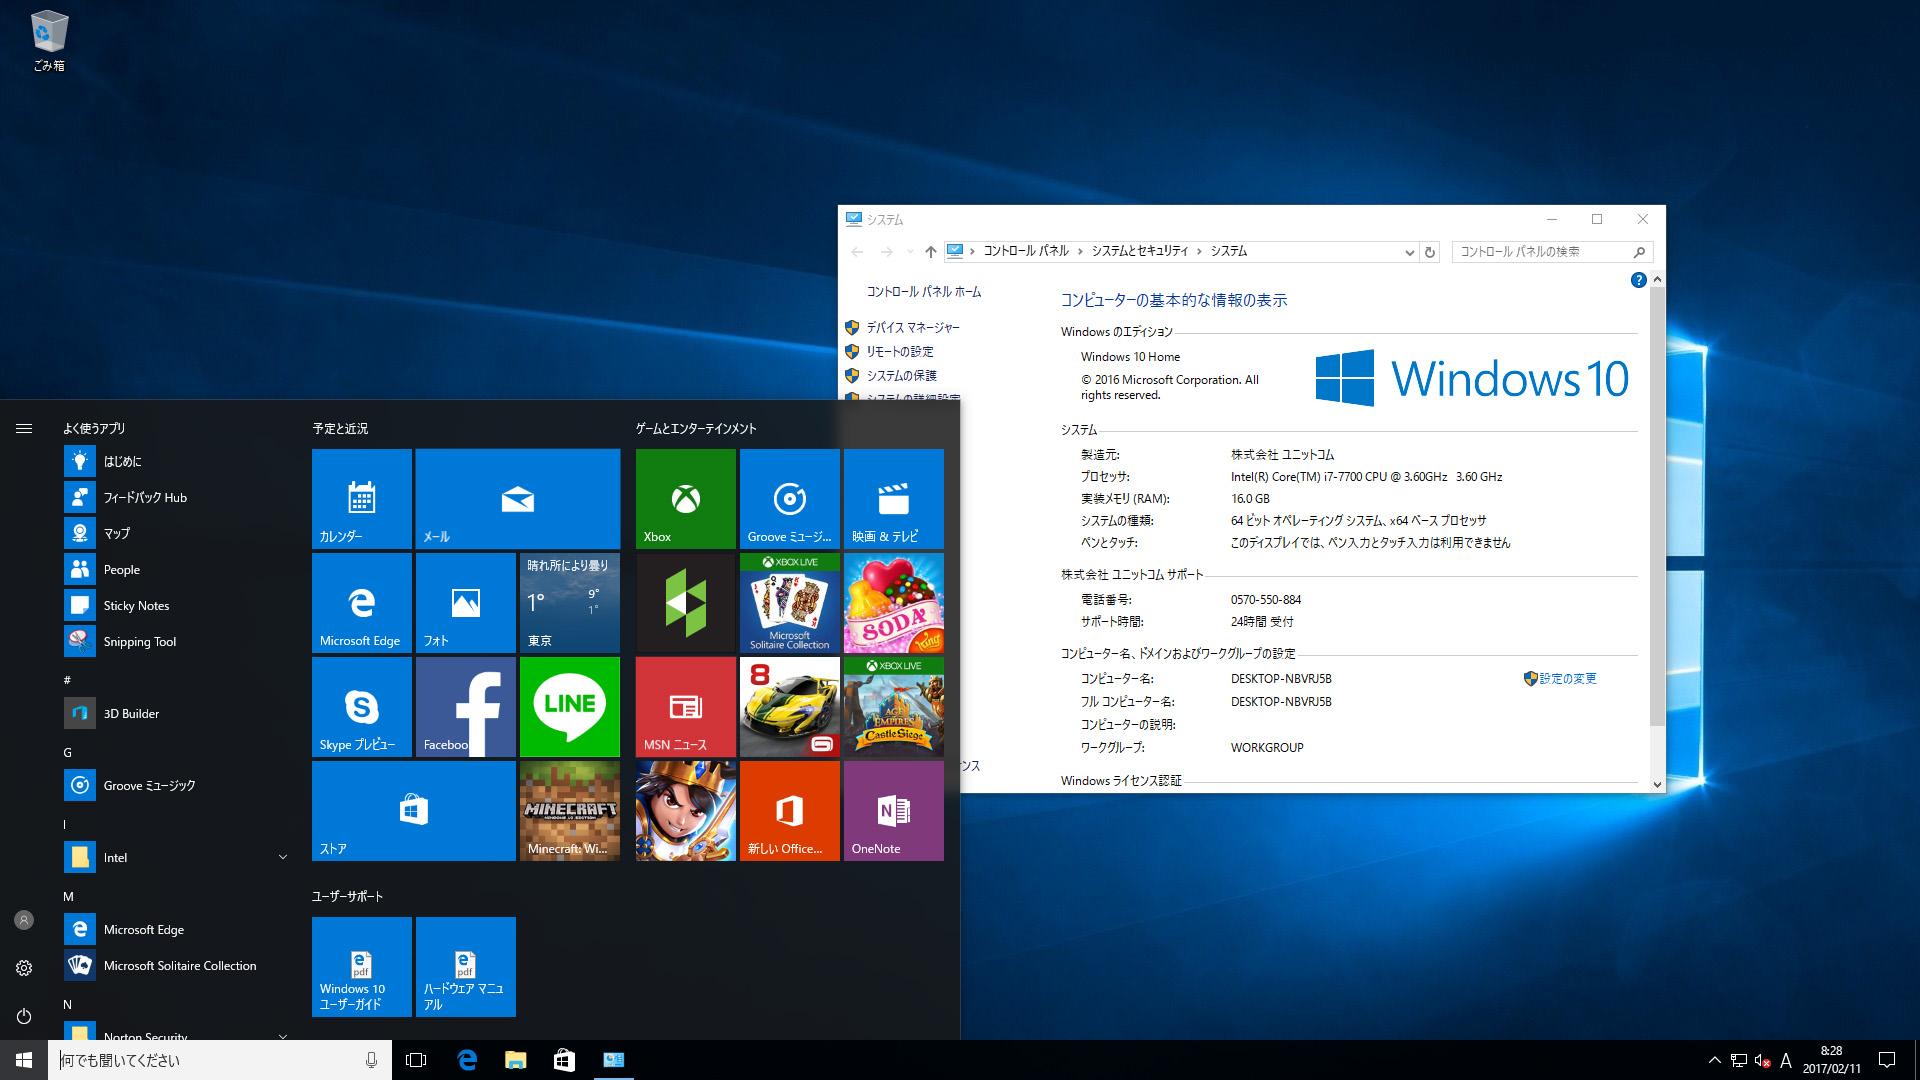 起動時のデスクトップはWindows 10標準のまま